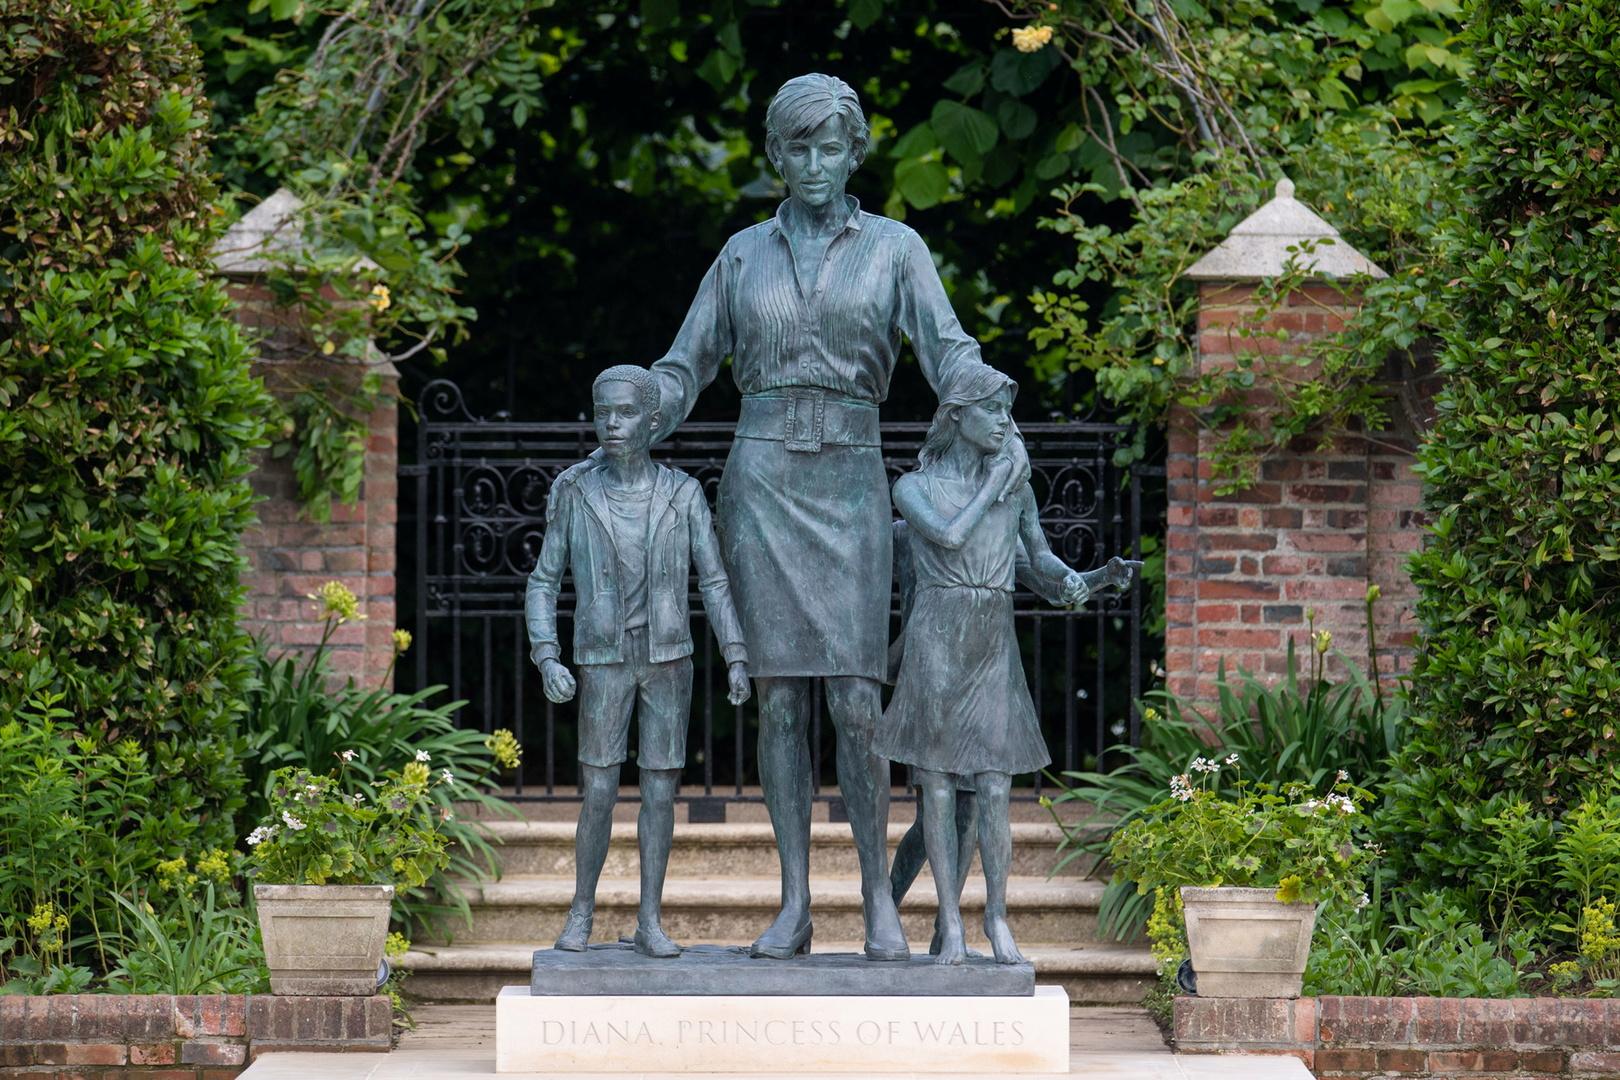 من هم الأطفال المحيطون بتمثال الأميرة ديانا؟